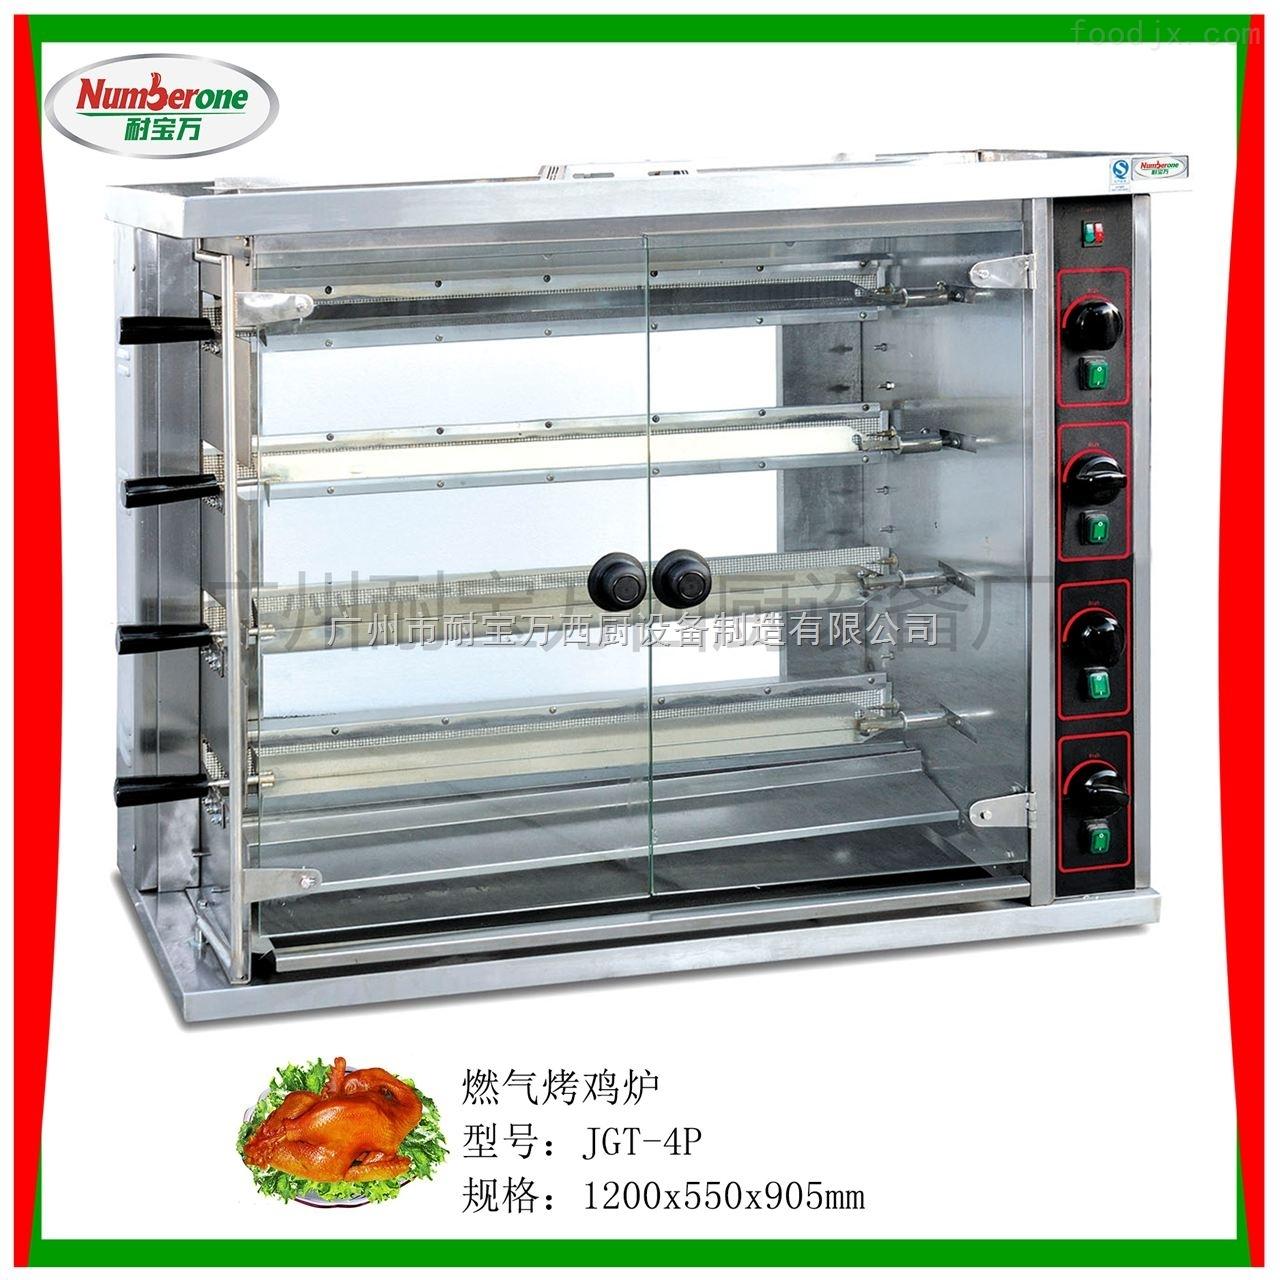 燃气烤鸡炉/烤全羊炉/烤鸭炉/烤猪炉/烧烤设备/烧烤炉